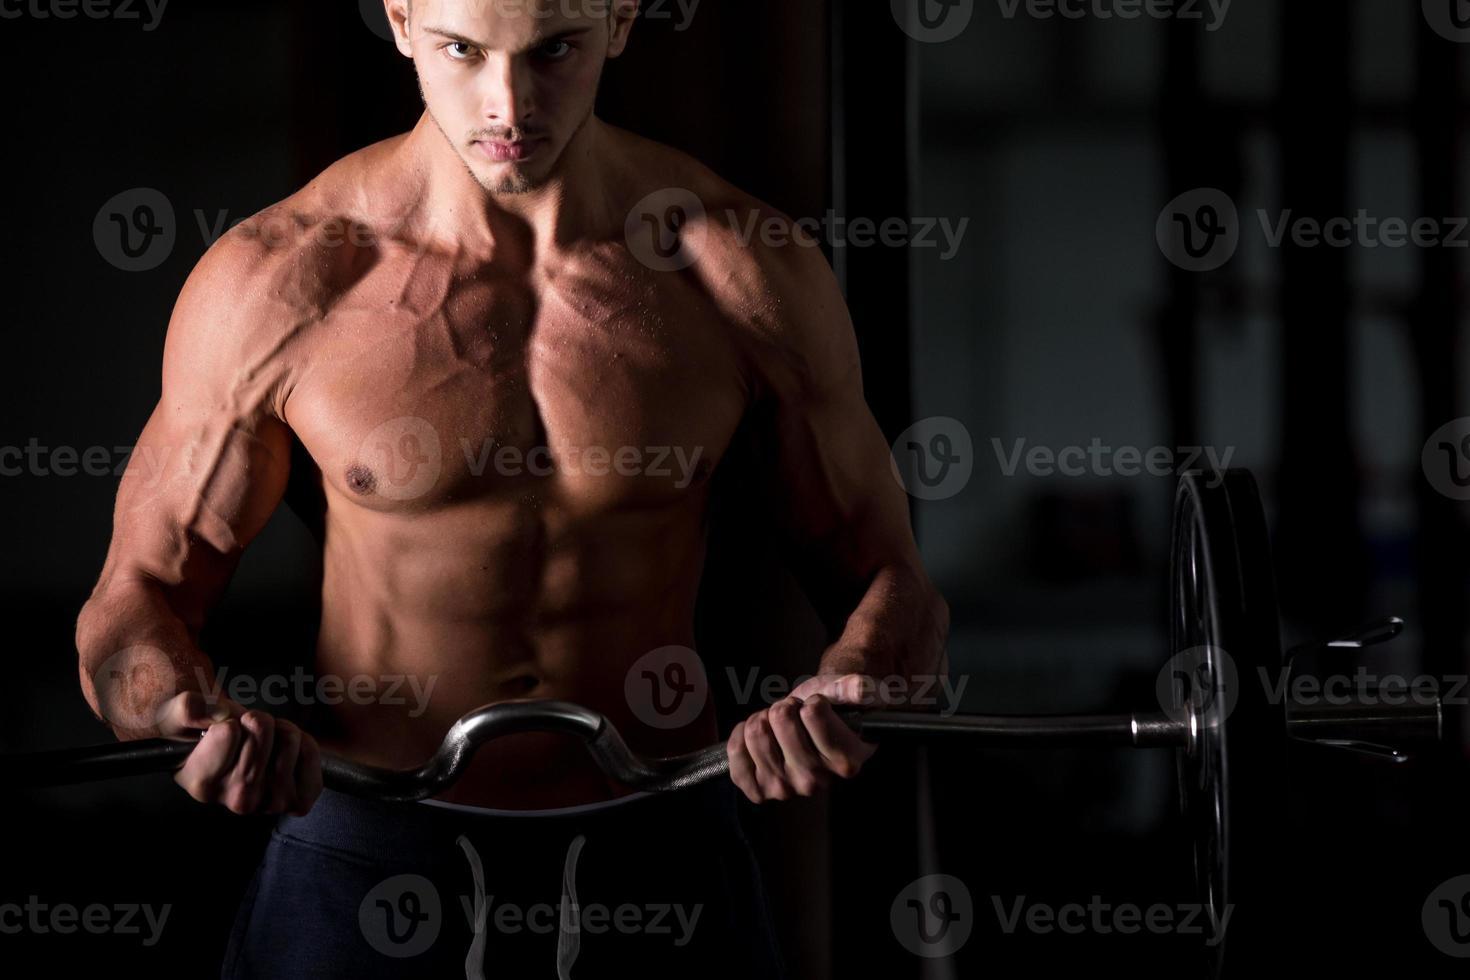 giovane che alza un bilanciere nel centro fitness foto